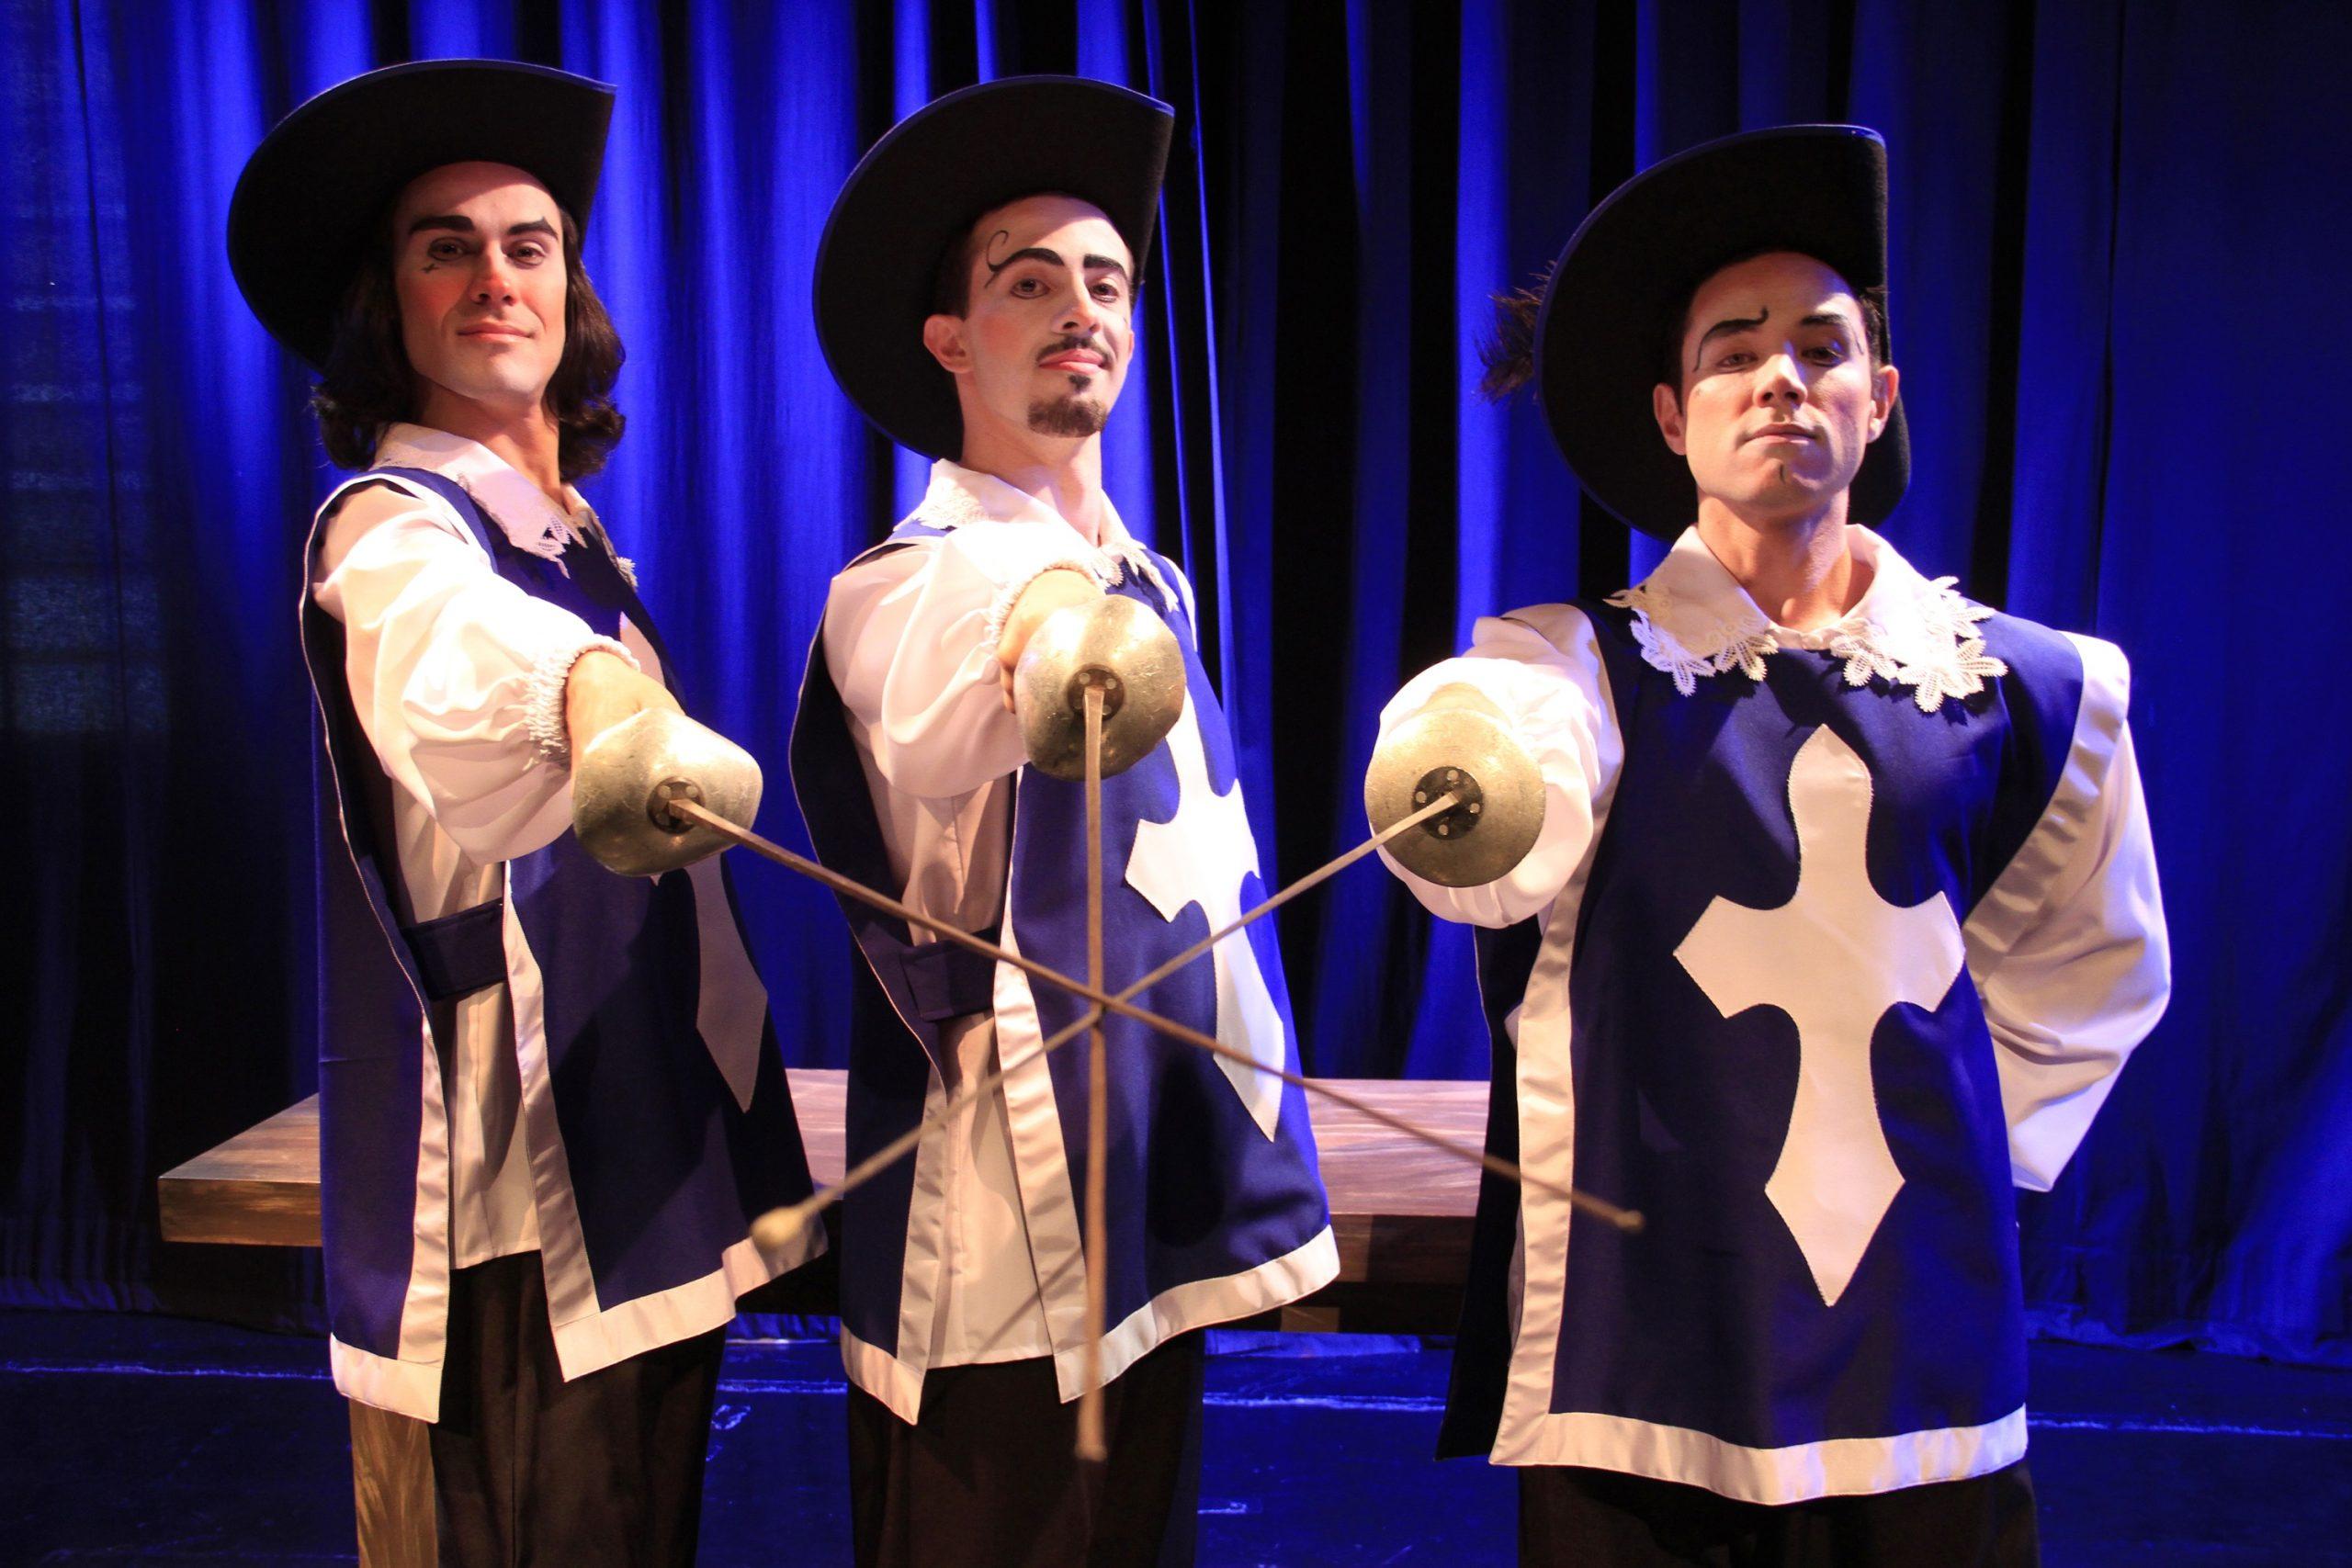 Os-Tres-Mosqueteiros